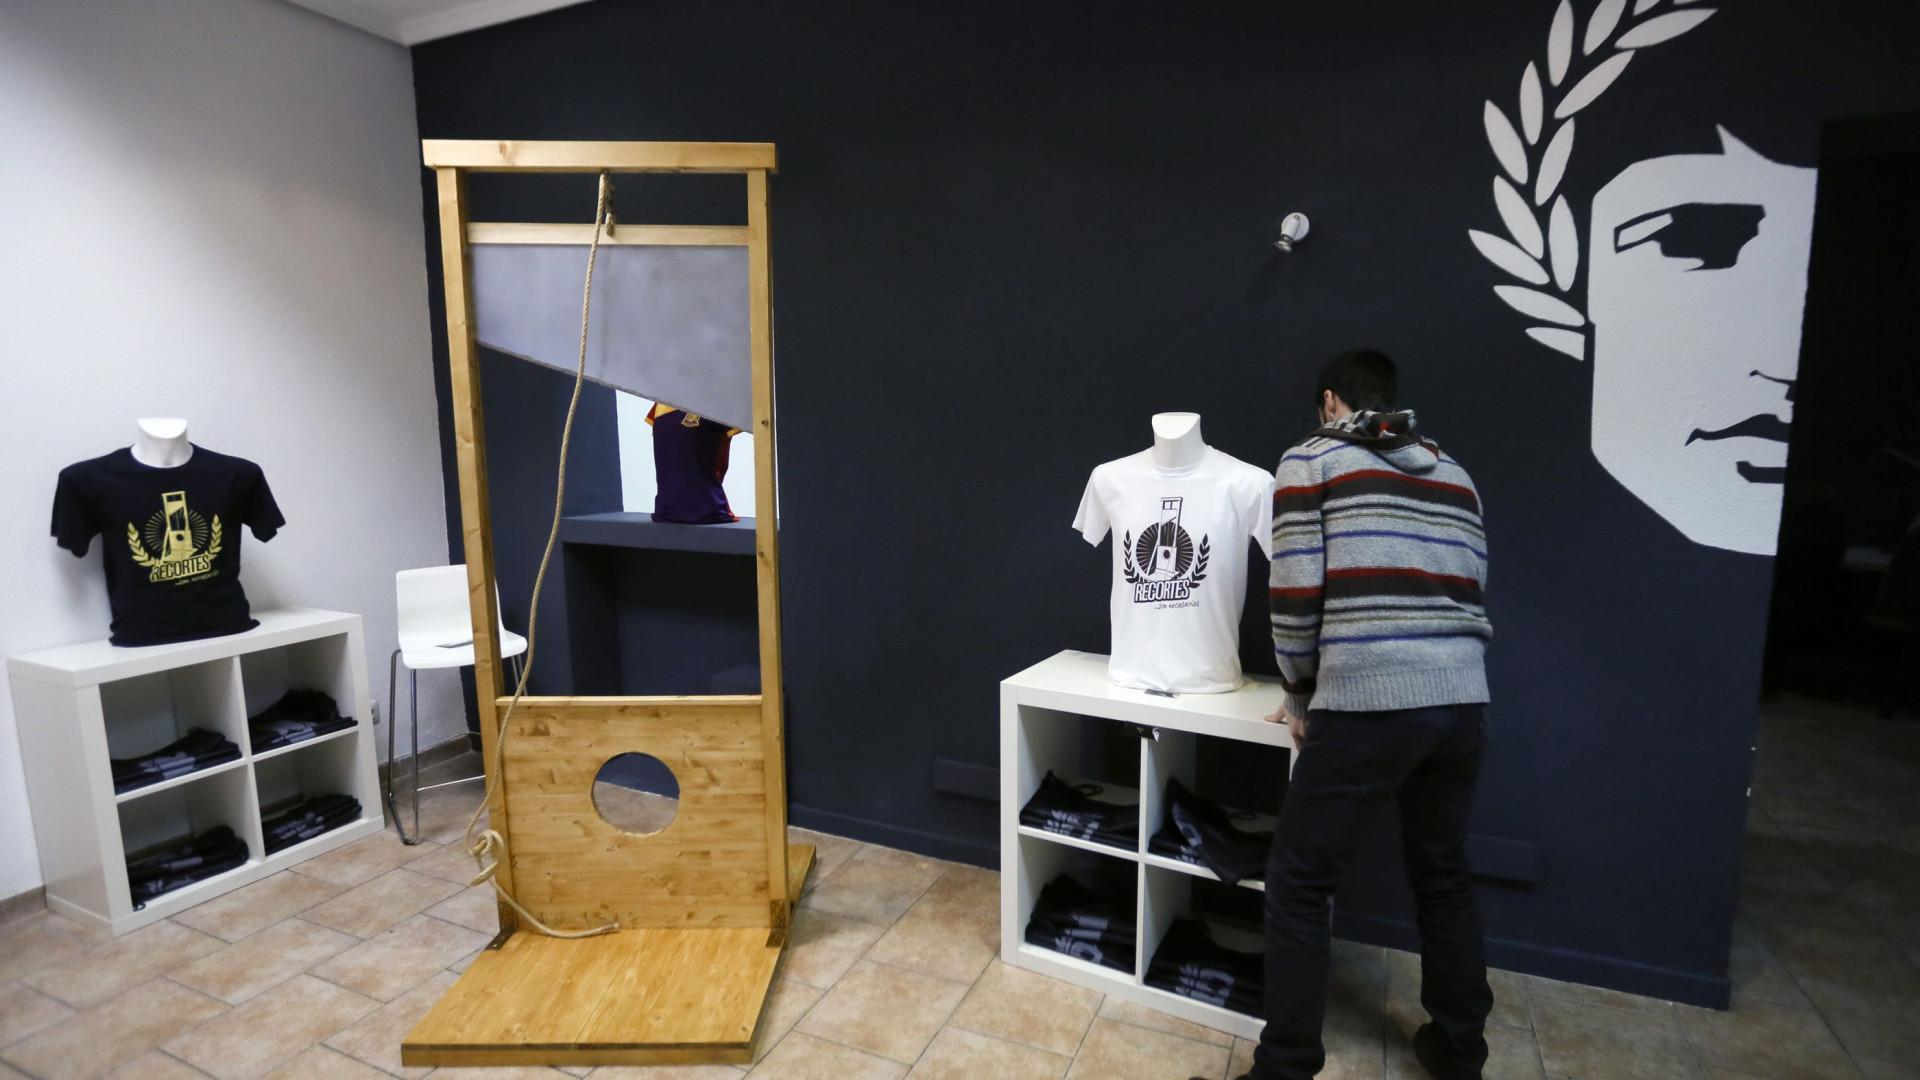 Milionário francês comprou guilhotina por oito mil euros